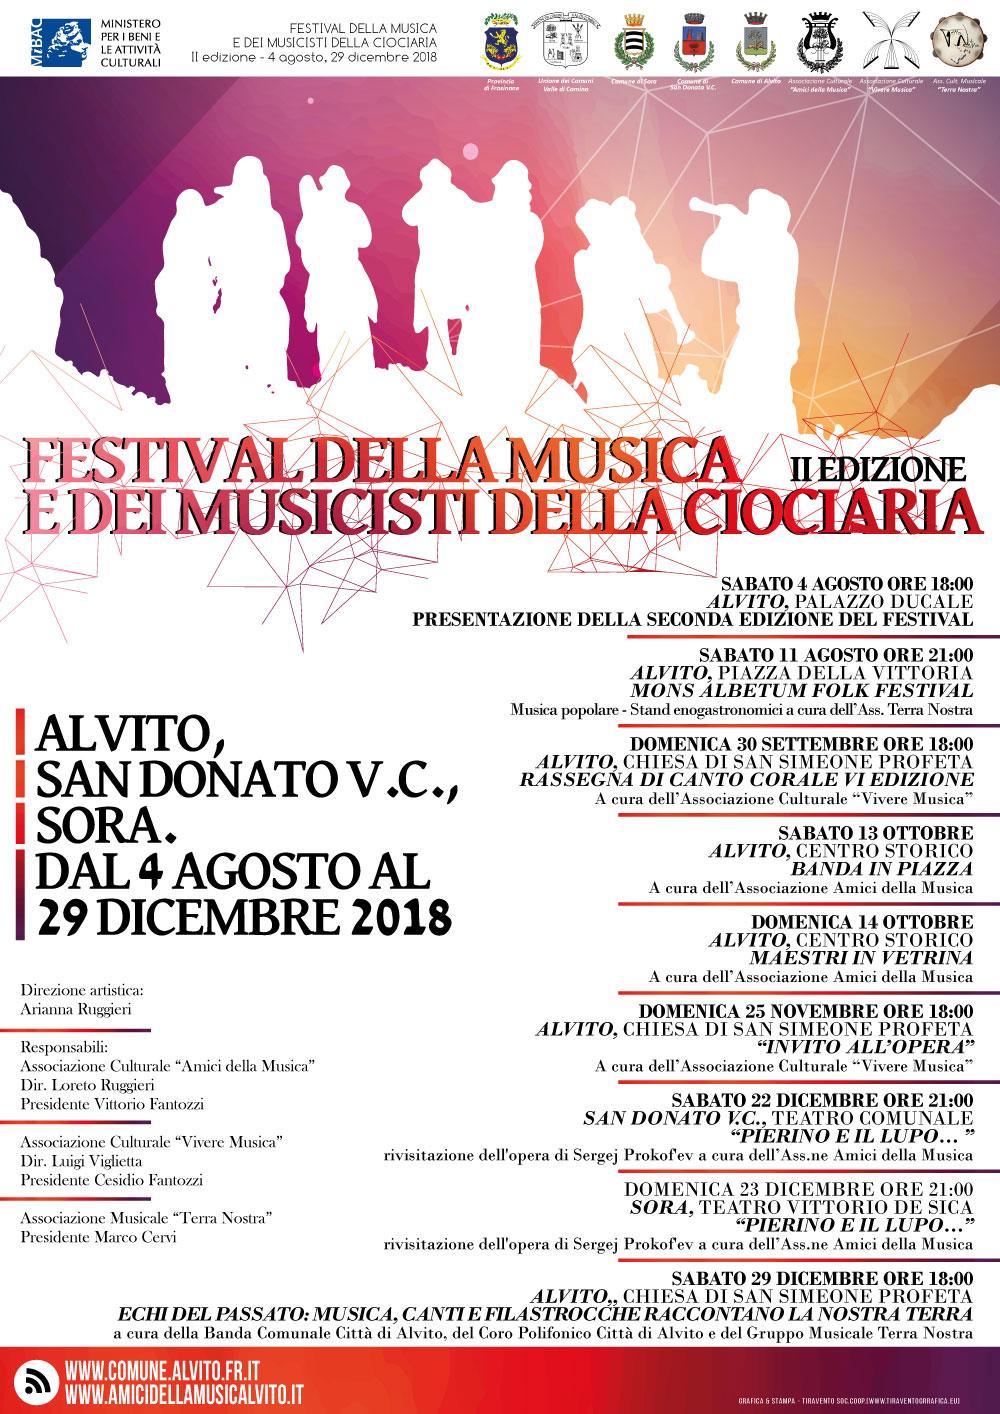 Festival-della-musica-e-dei-musicisti-della-Ciociaria-2018